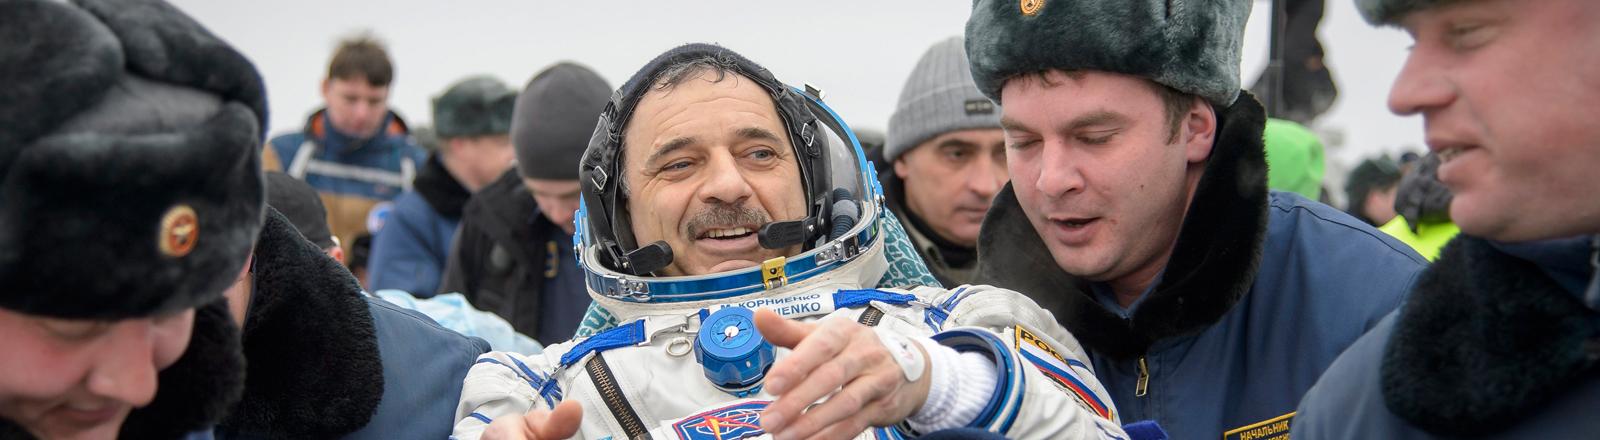 Der russische Astronaut Mikhail Kornienko bei seiner Rückkehr nach rund einem Jahr auf der internationalen Raumstation ISS.